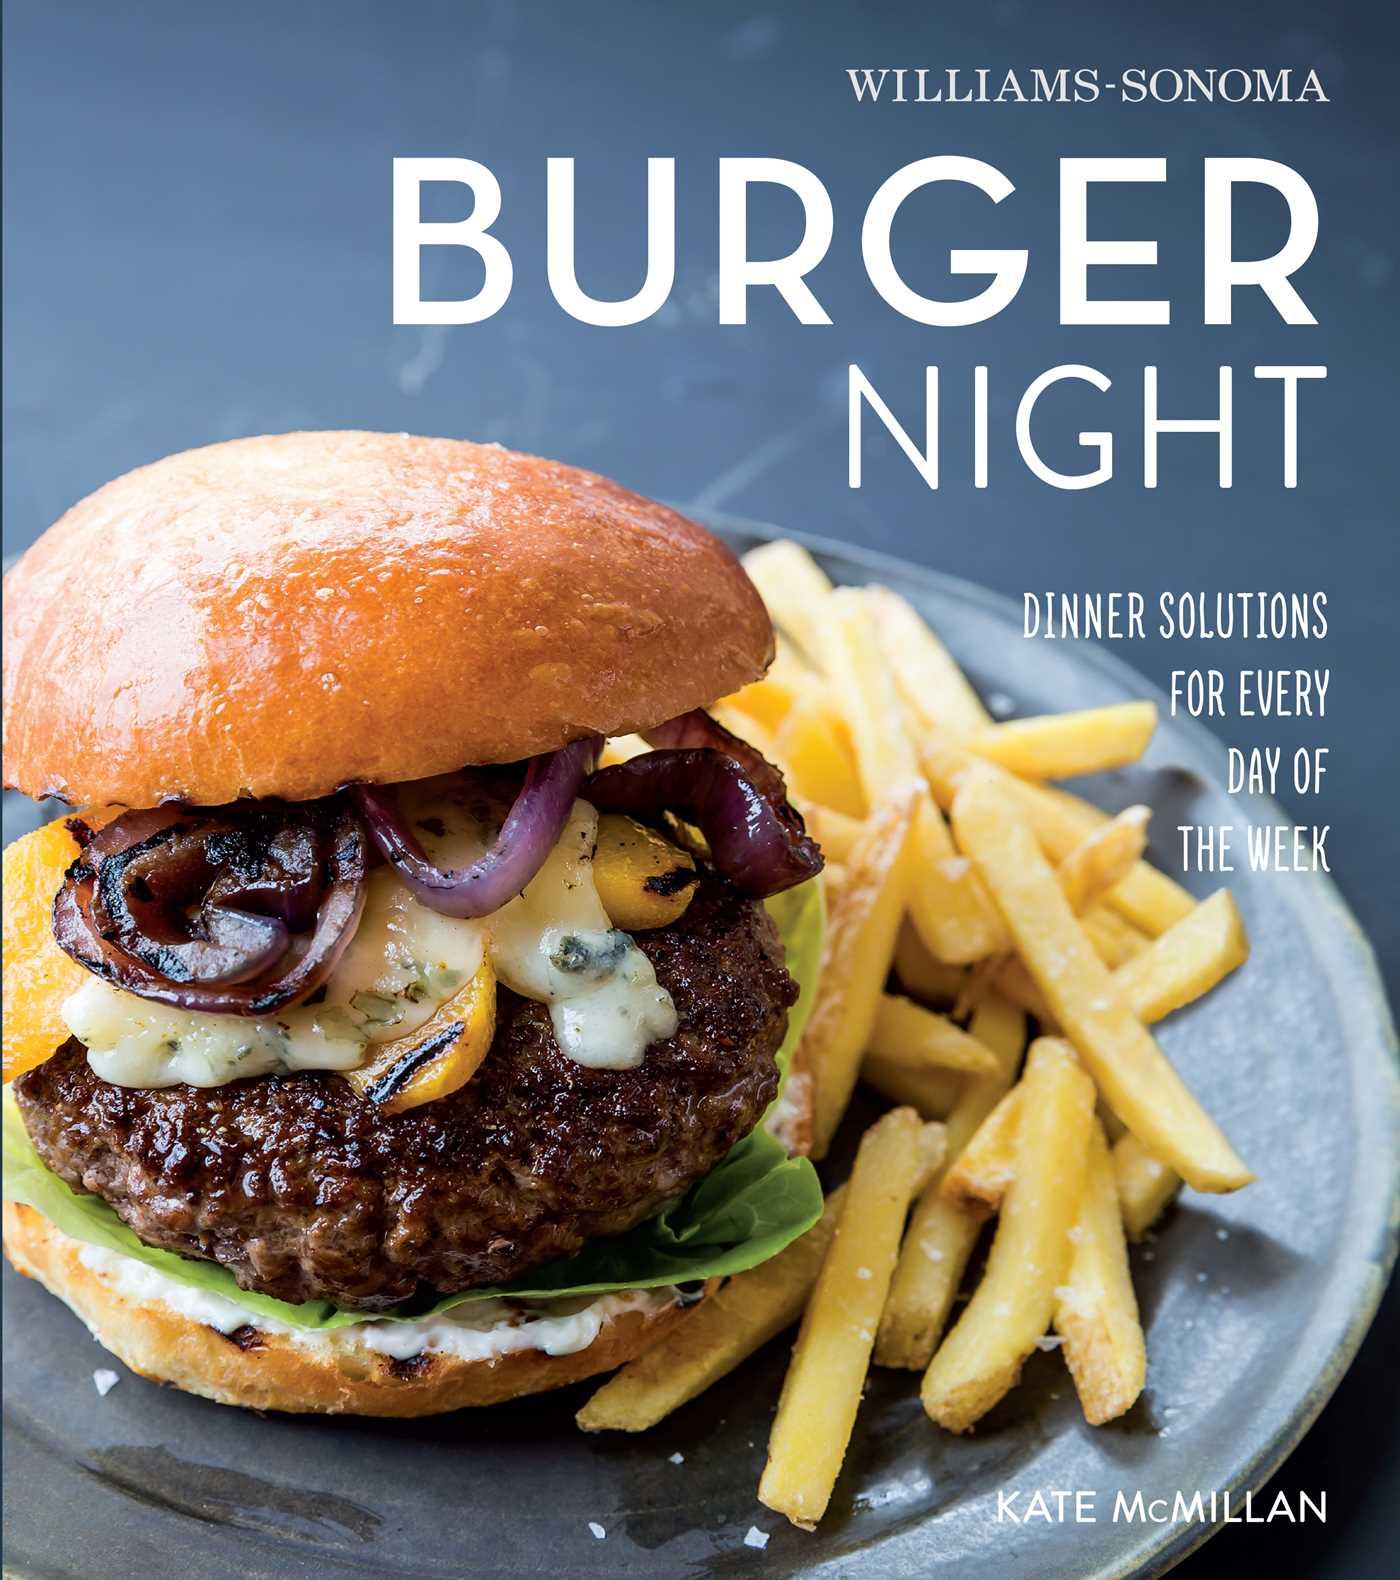 burger-night-(williams-sonoma)-9781616287344_hr